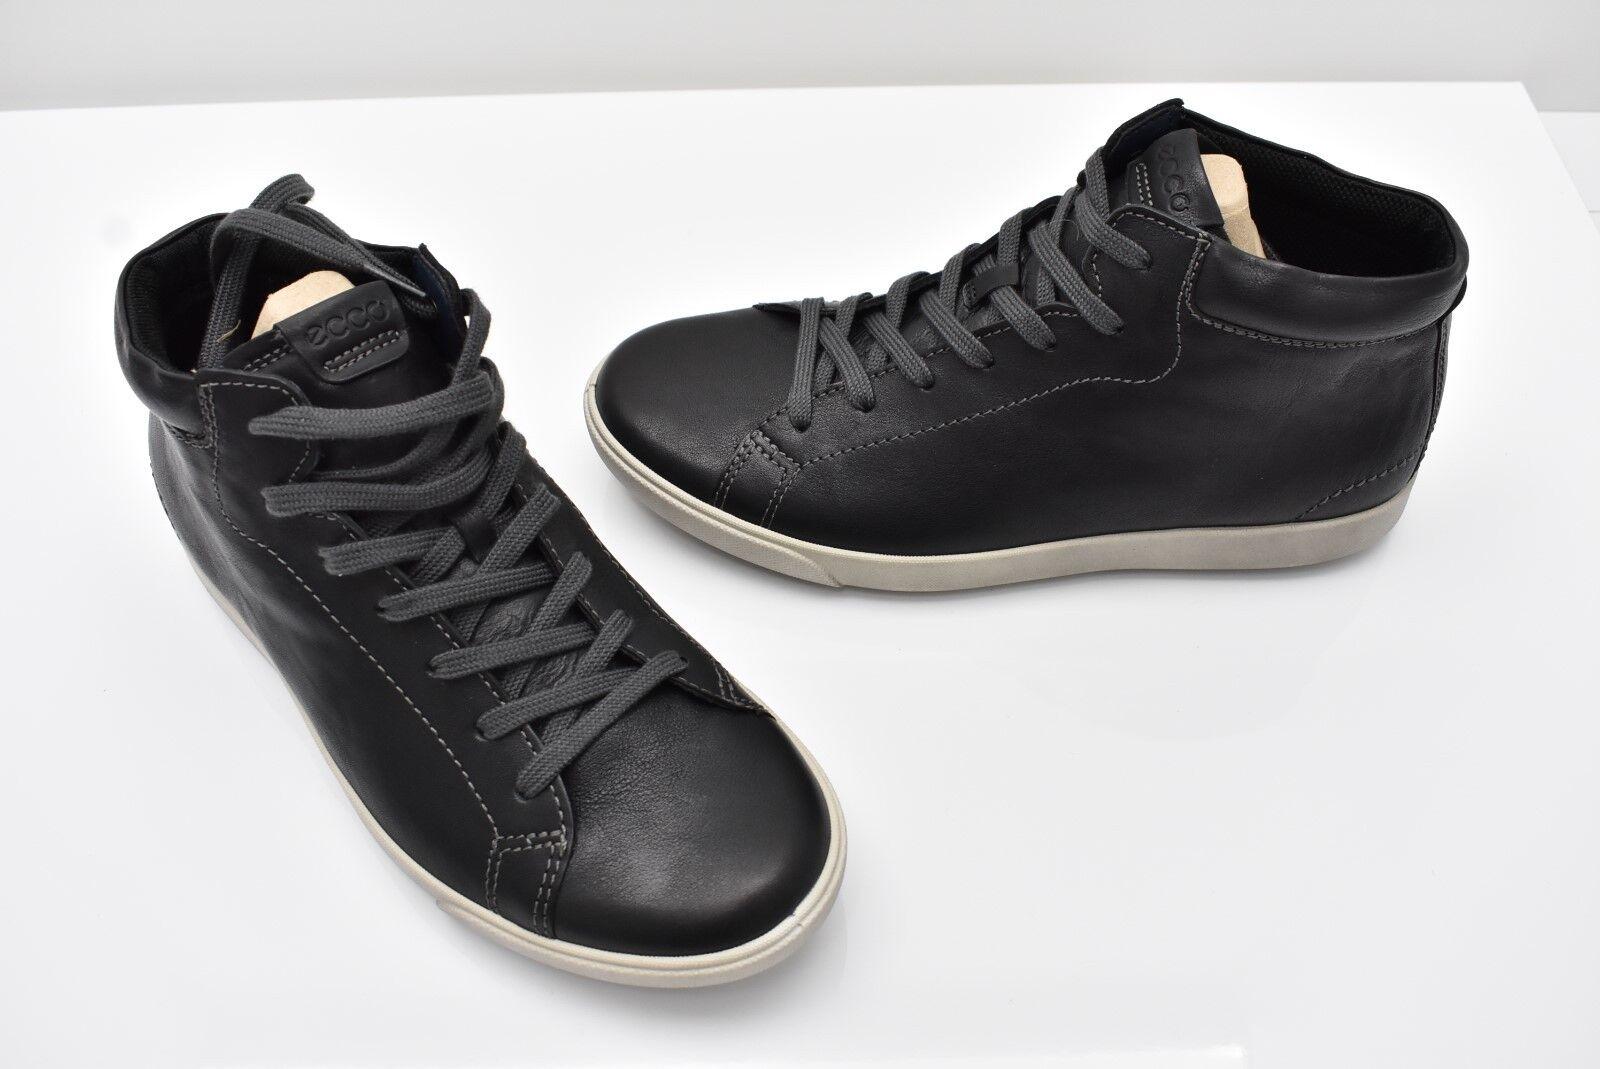 ECCO Gary Low Cut Lace Black black Leather shoes US 7-7.5 EU 41